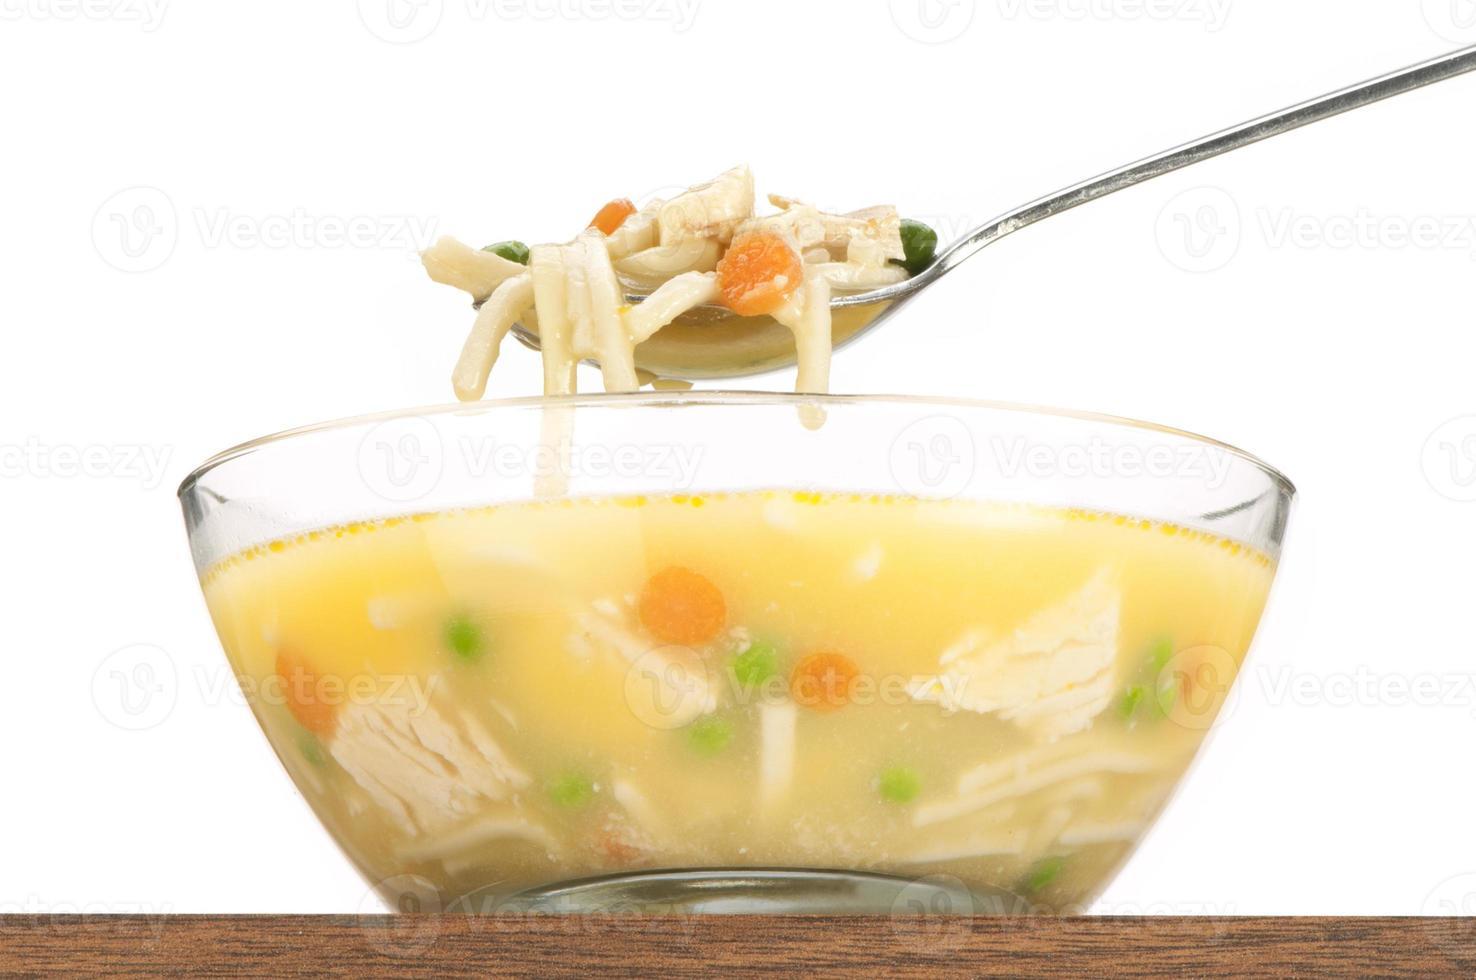 lepel kip noodlesoep boven kom-close-up geïsoleerd, geïsoleerd foto